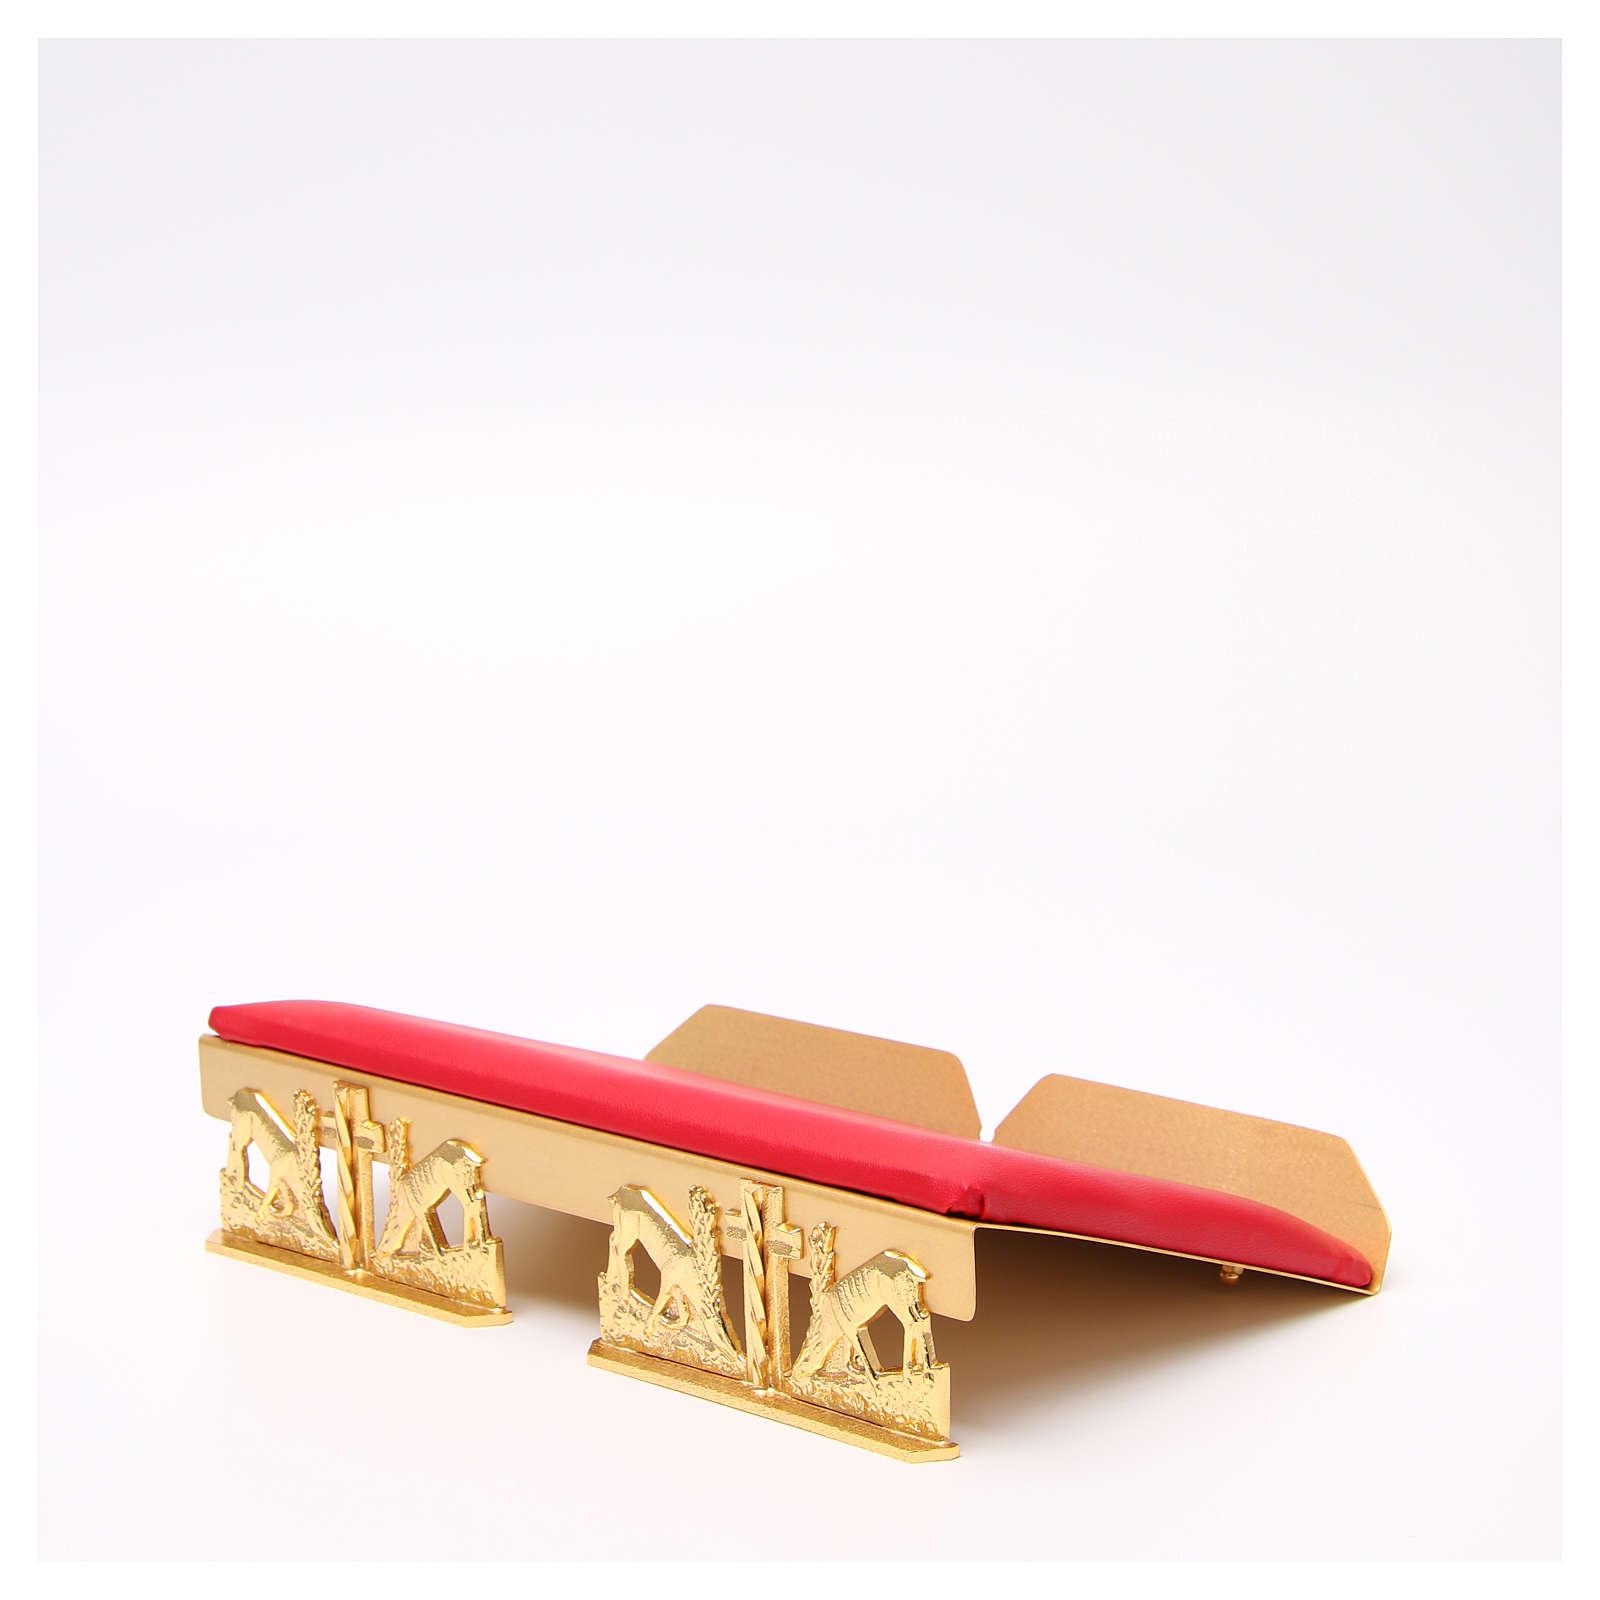 Leggio da mensa dorato cuscinetto ottone cervi alla fonte 4